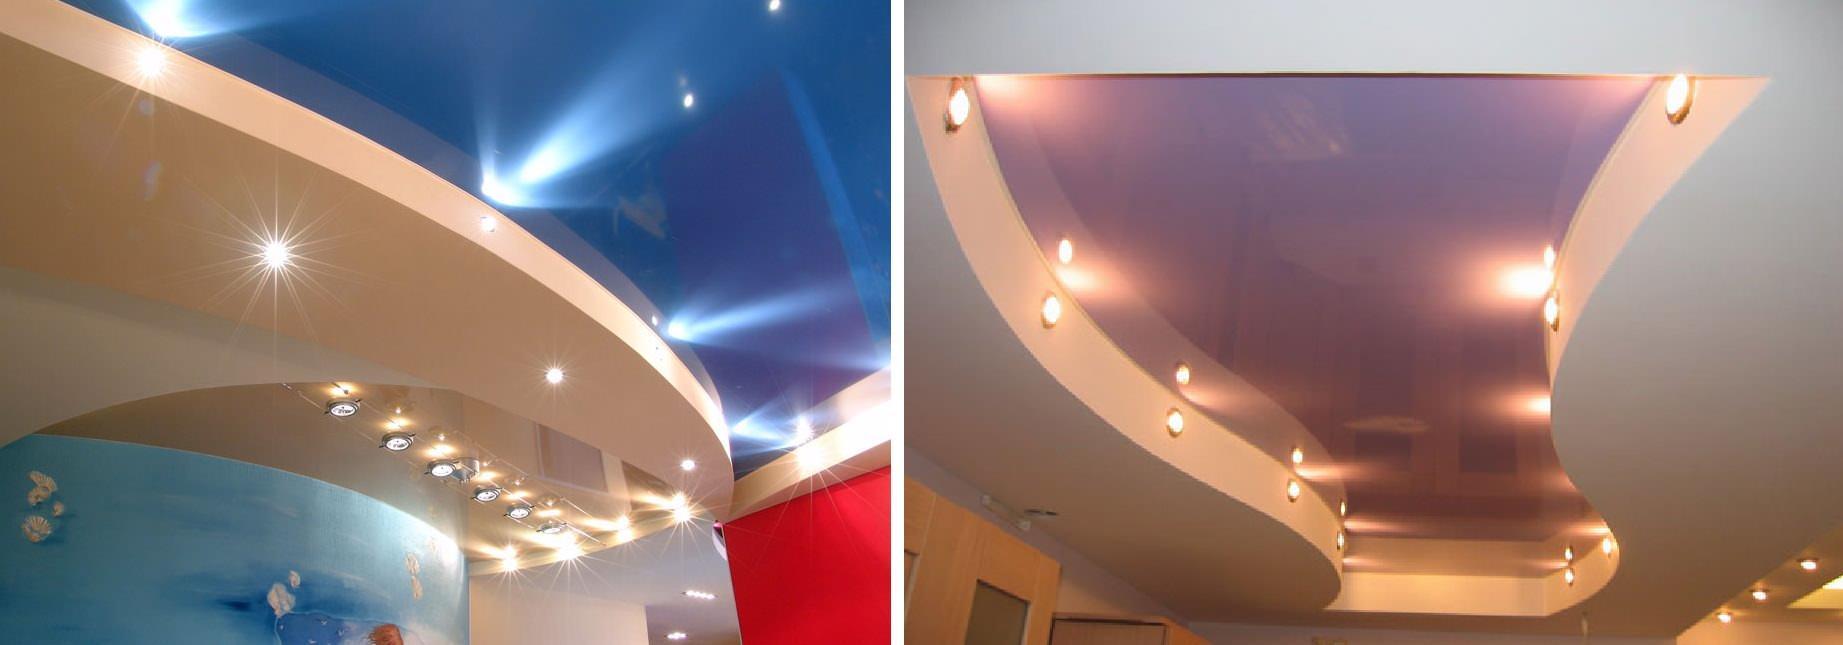 От того, насколько детально продуман проект будущего потолка, во многом зависит конечный результат работы